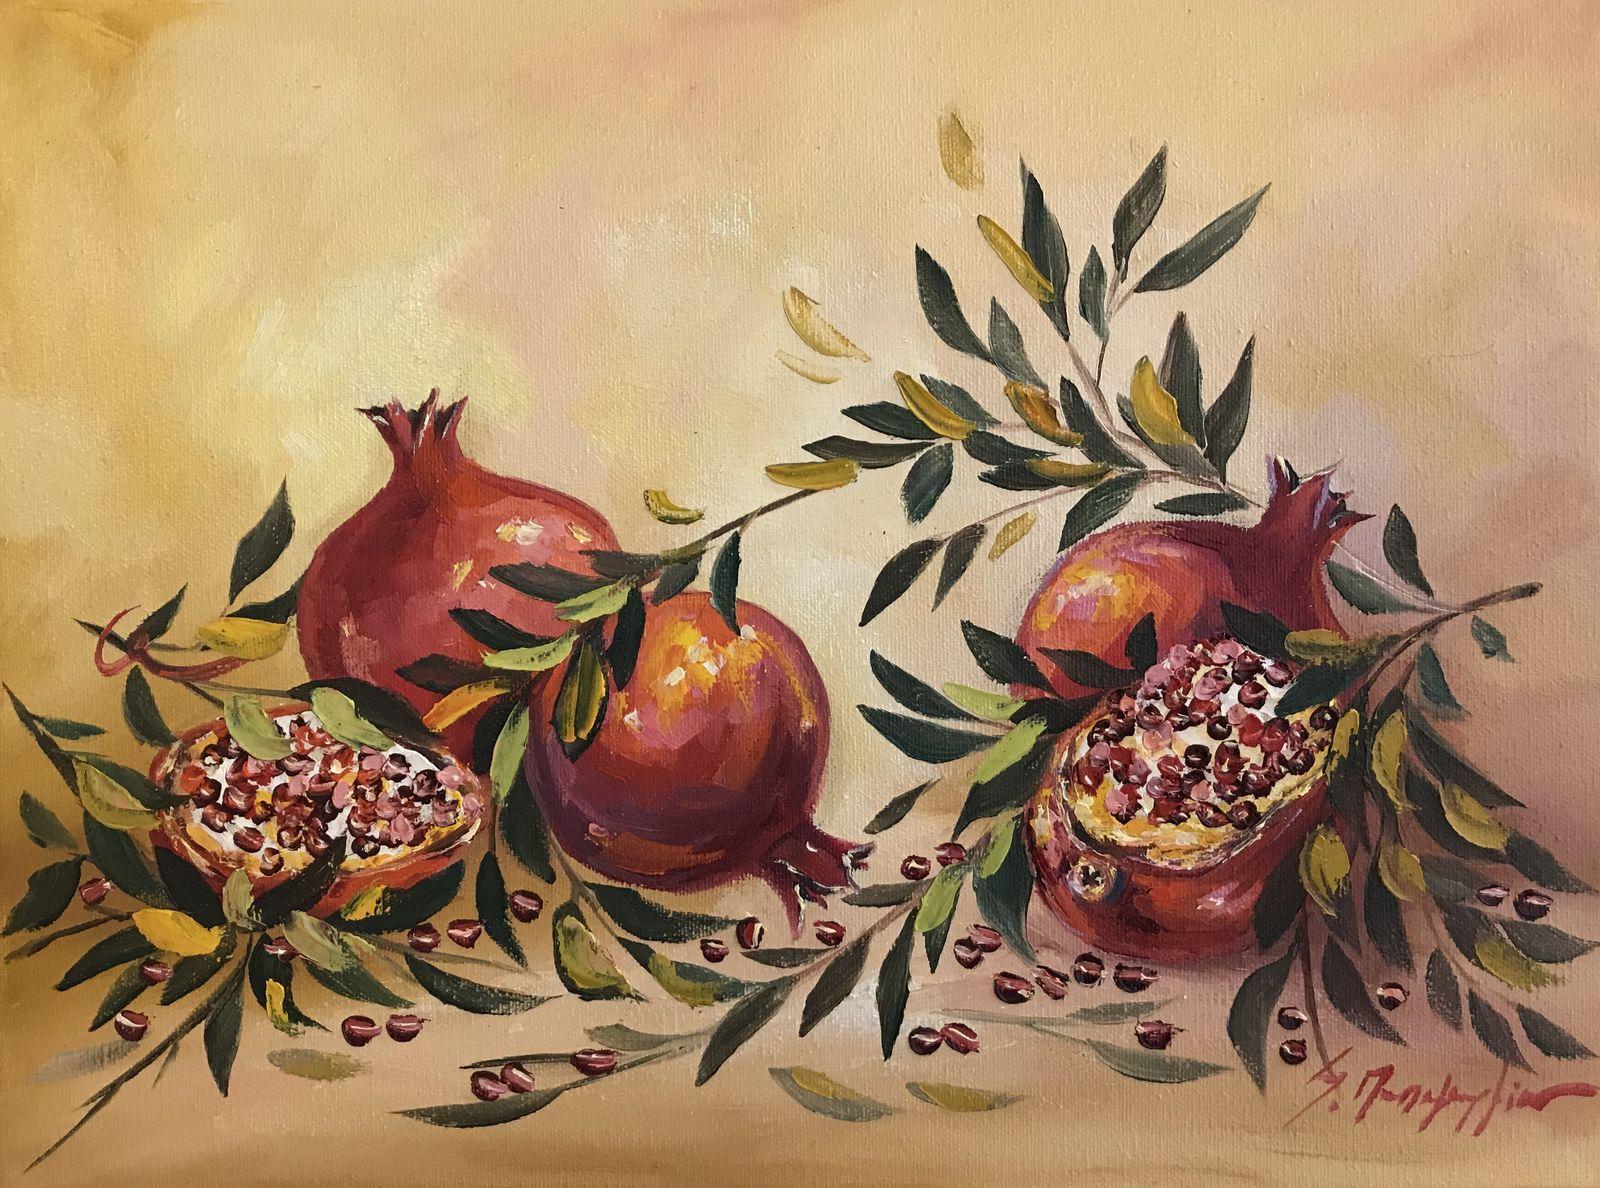 Σοφία Παπαγεωργίου 30×40 εκ. Λάδια σε καμβά Sofia Papageorgiou 30×40 cm Oils on canvas (1)